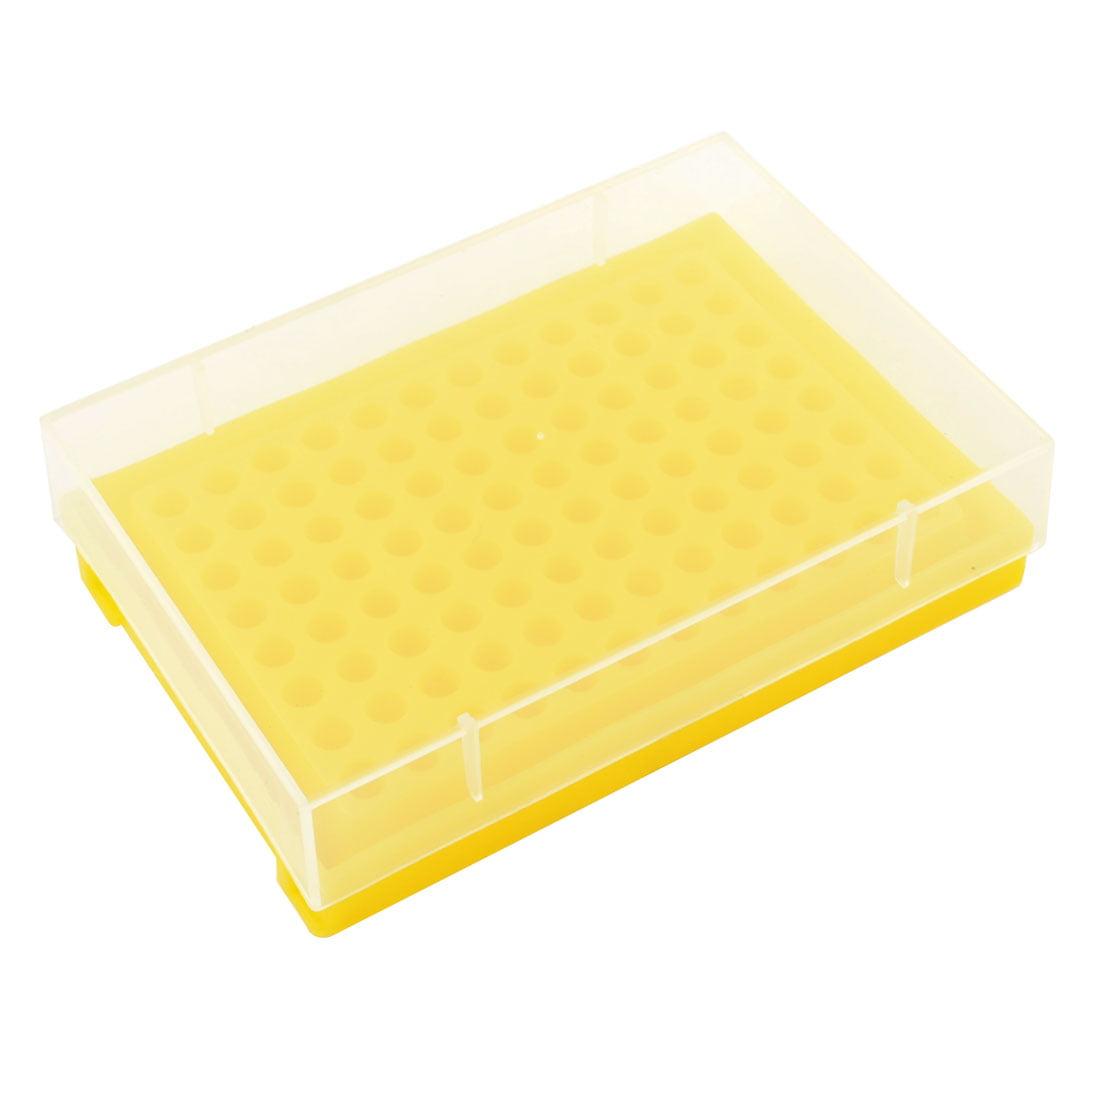 Yellow Plastic 96 Tubes Rack Holder w Cover for 0.2ML Centrifuge Tube - image 1 of 1